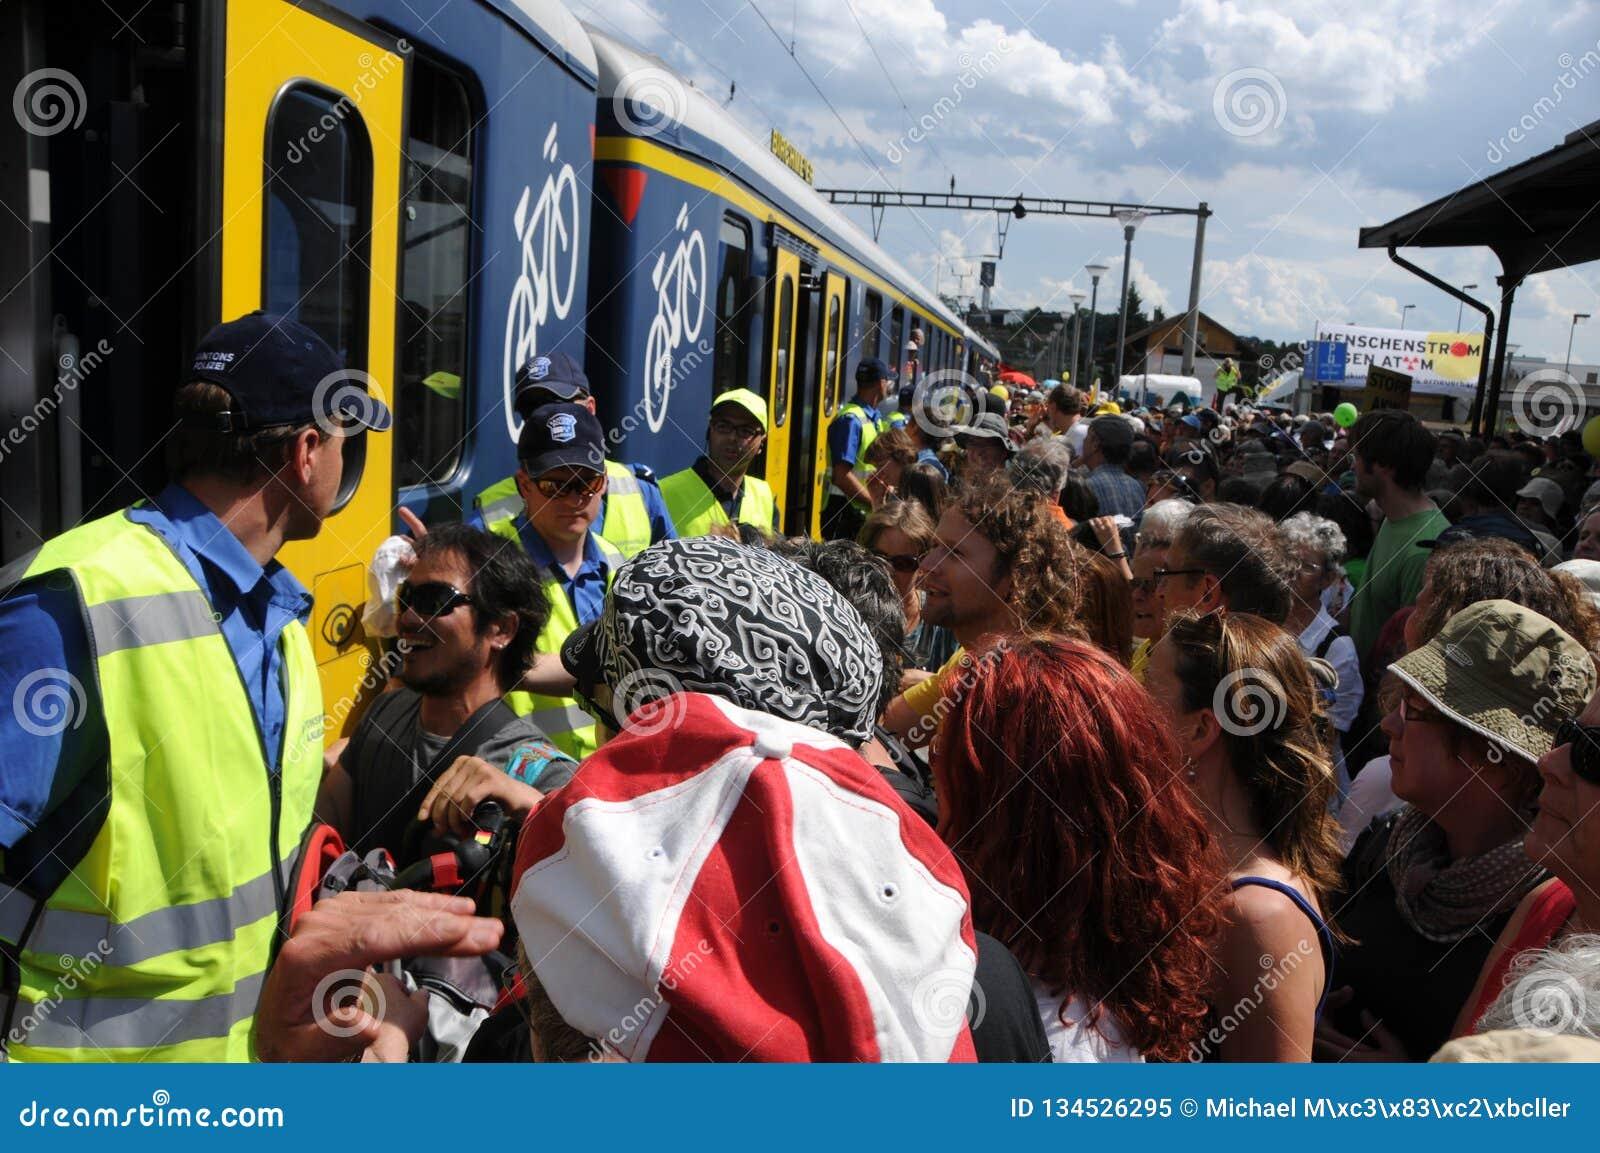 Suiza: Millares de gente que inscribe los SBB-trenes en Döttingen después de la protesta nuclear anti en Beznau